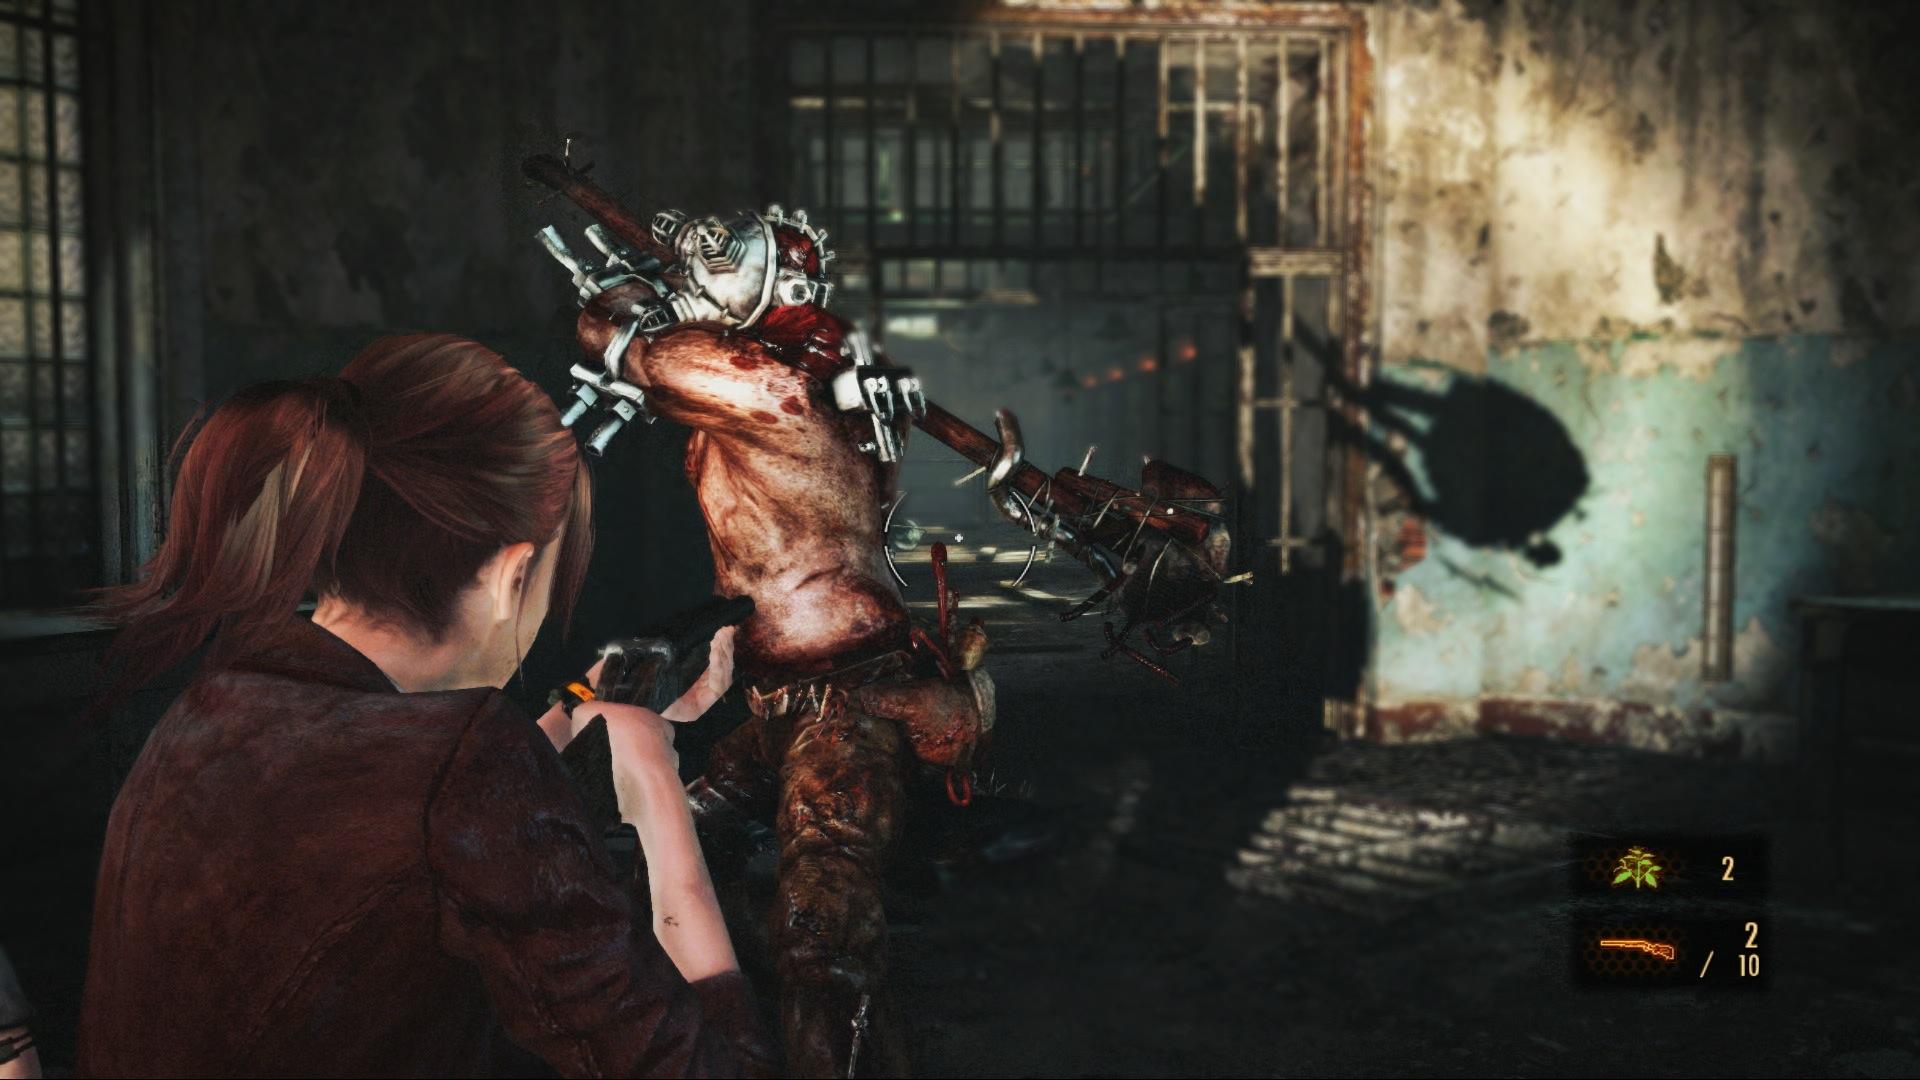 En Resident Evil Revelations 2 sin munición no podrás hacer gran cosa, un fallo que se ha mantenido desde Resident Evil 4 por sus combates obligatorios